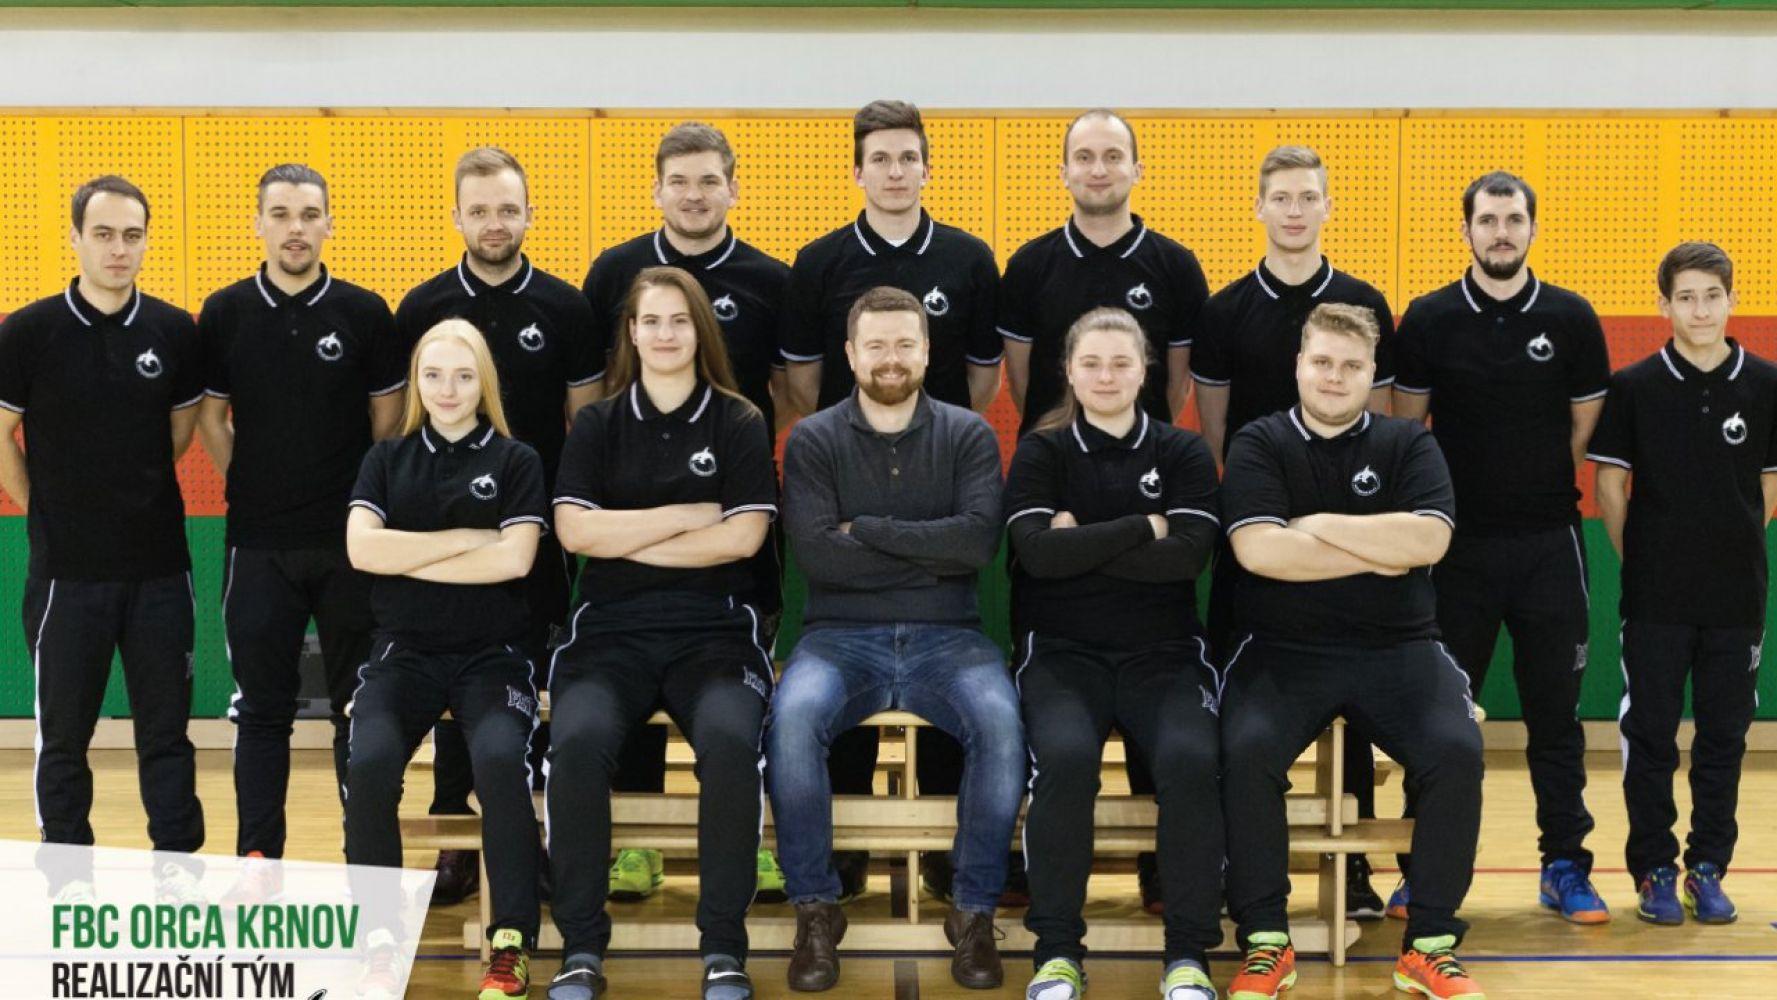 Trenérský tým pro sezónu 2015/16 se představuje